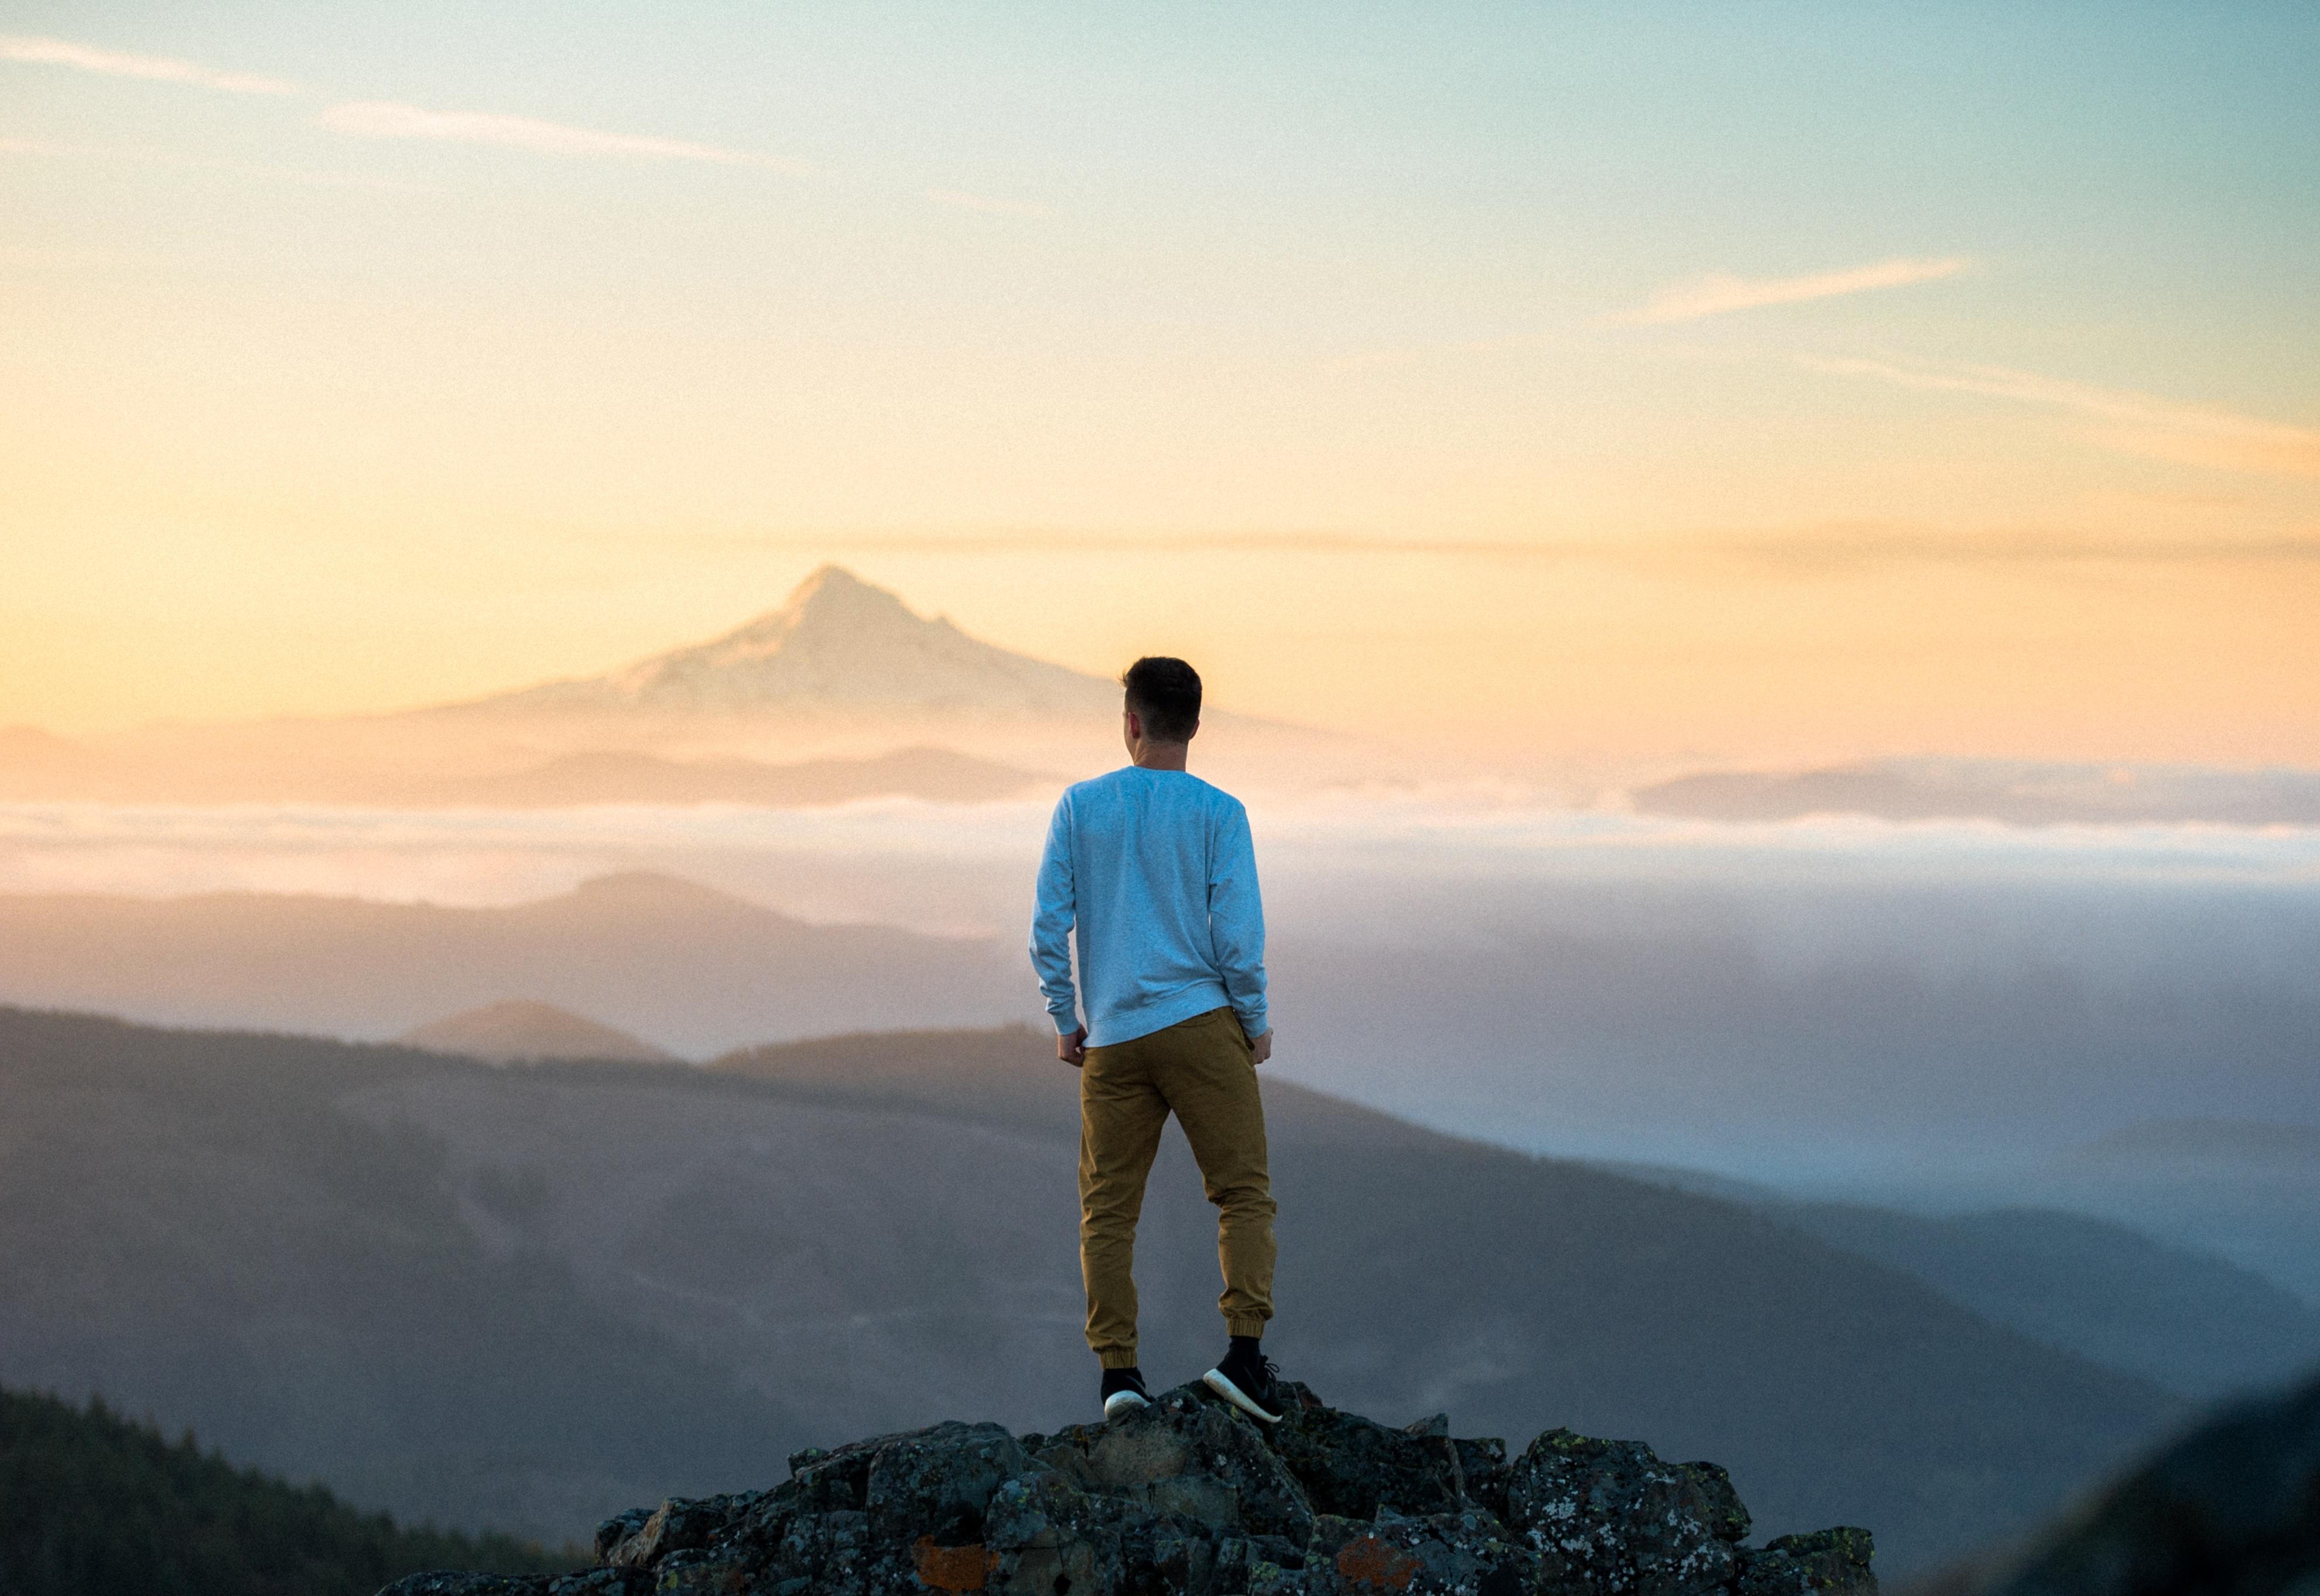 подают только парень картинки на холме одно